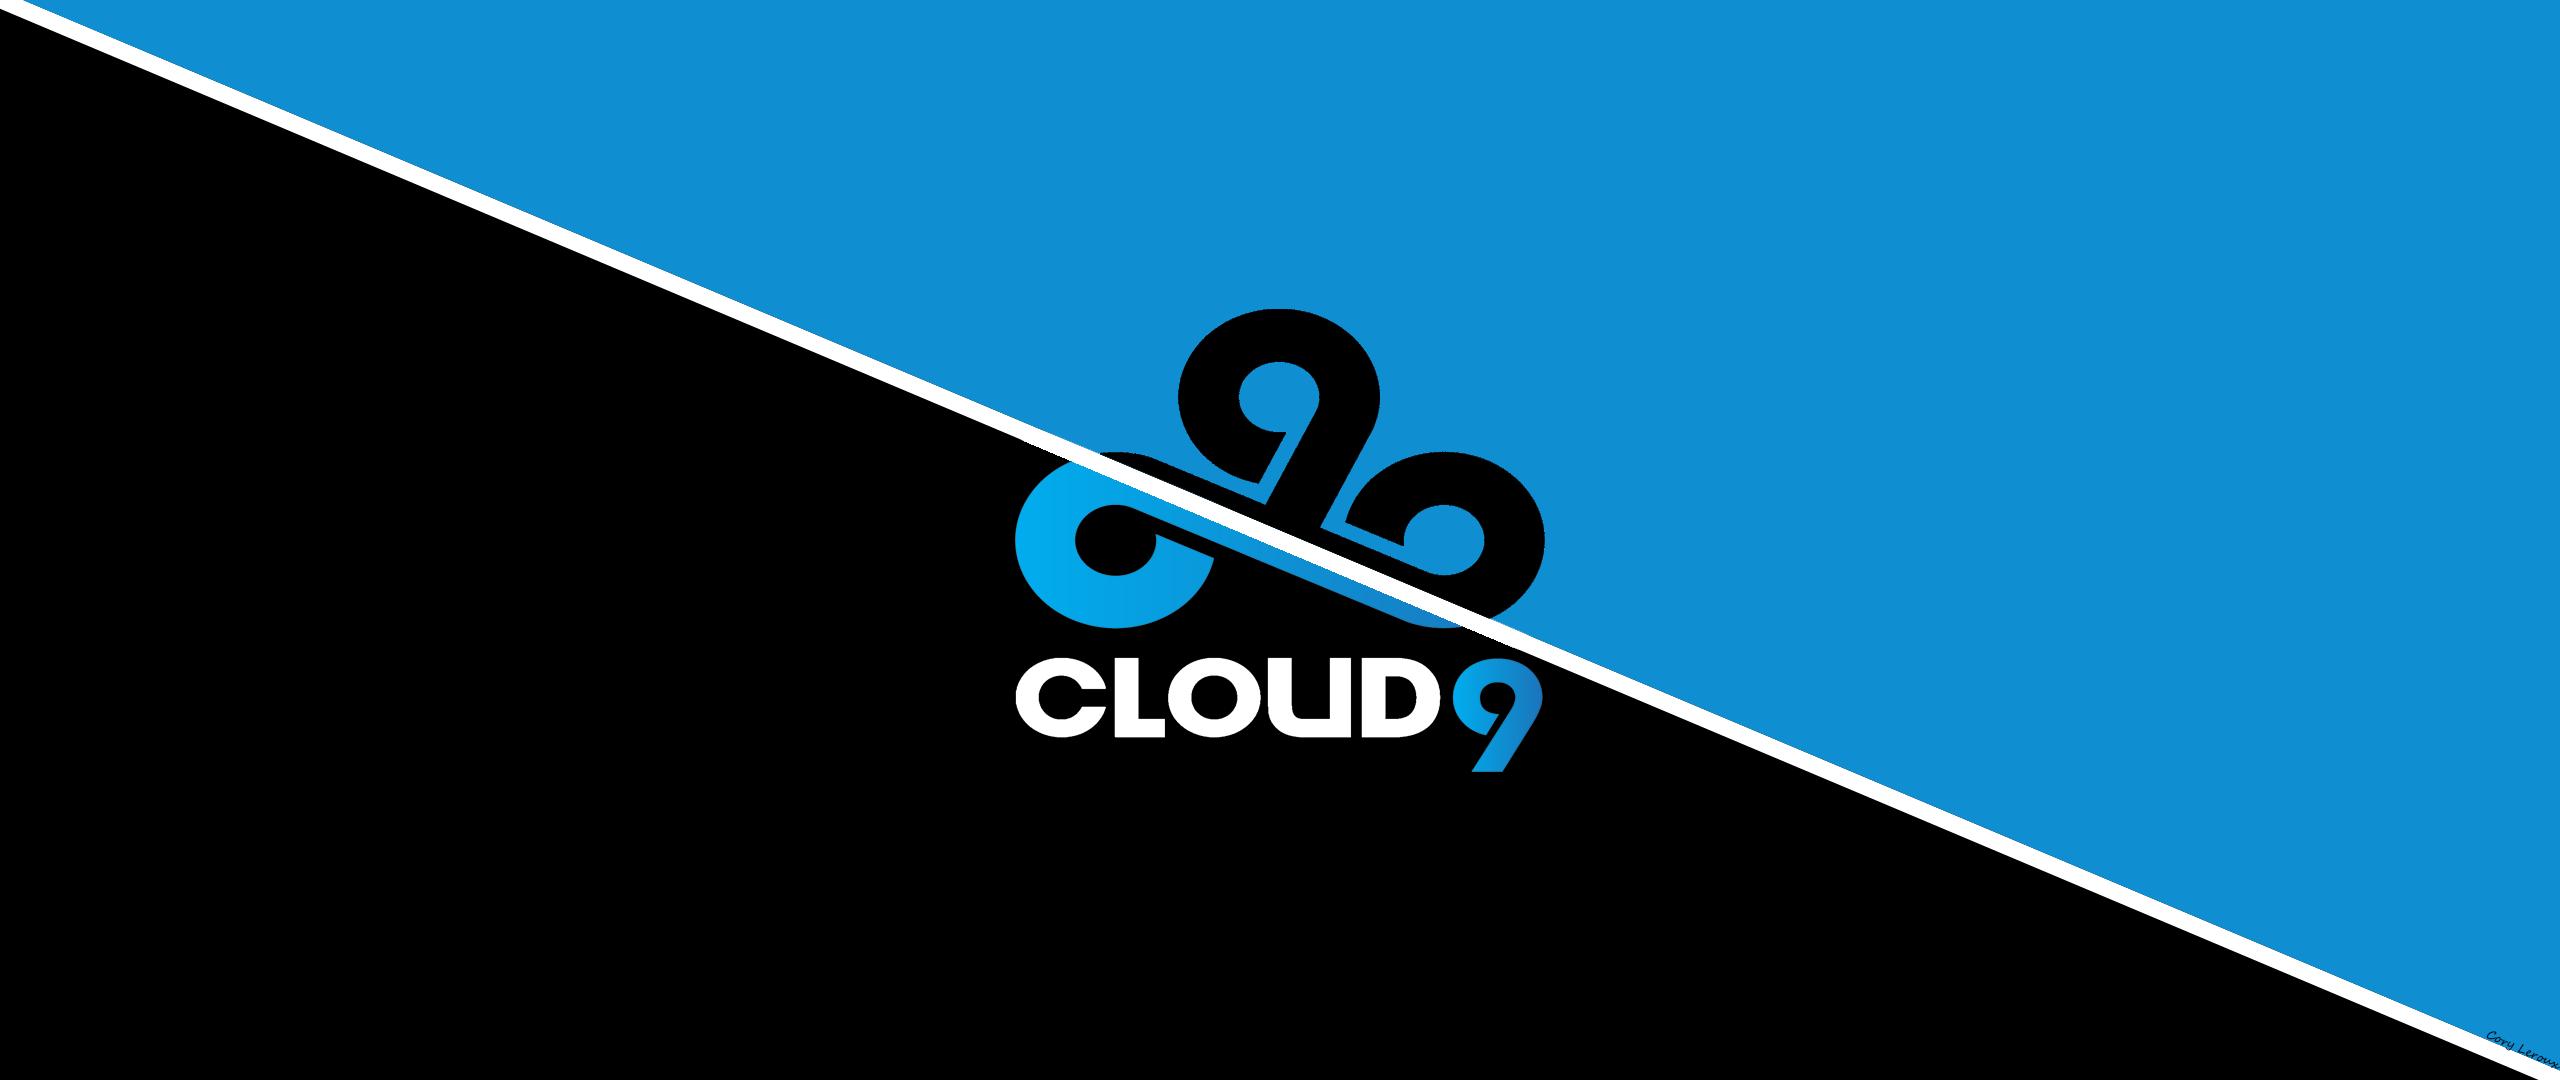 Cloud9 2560x1080